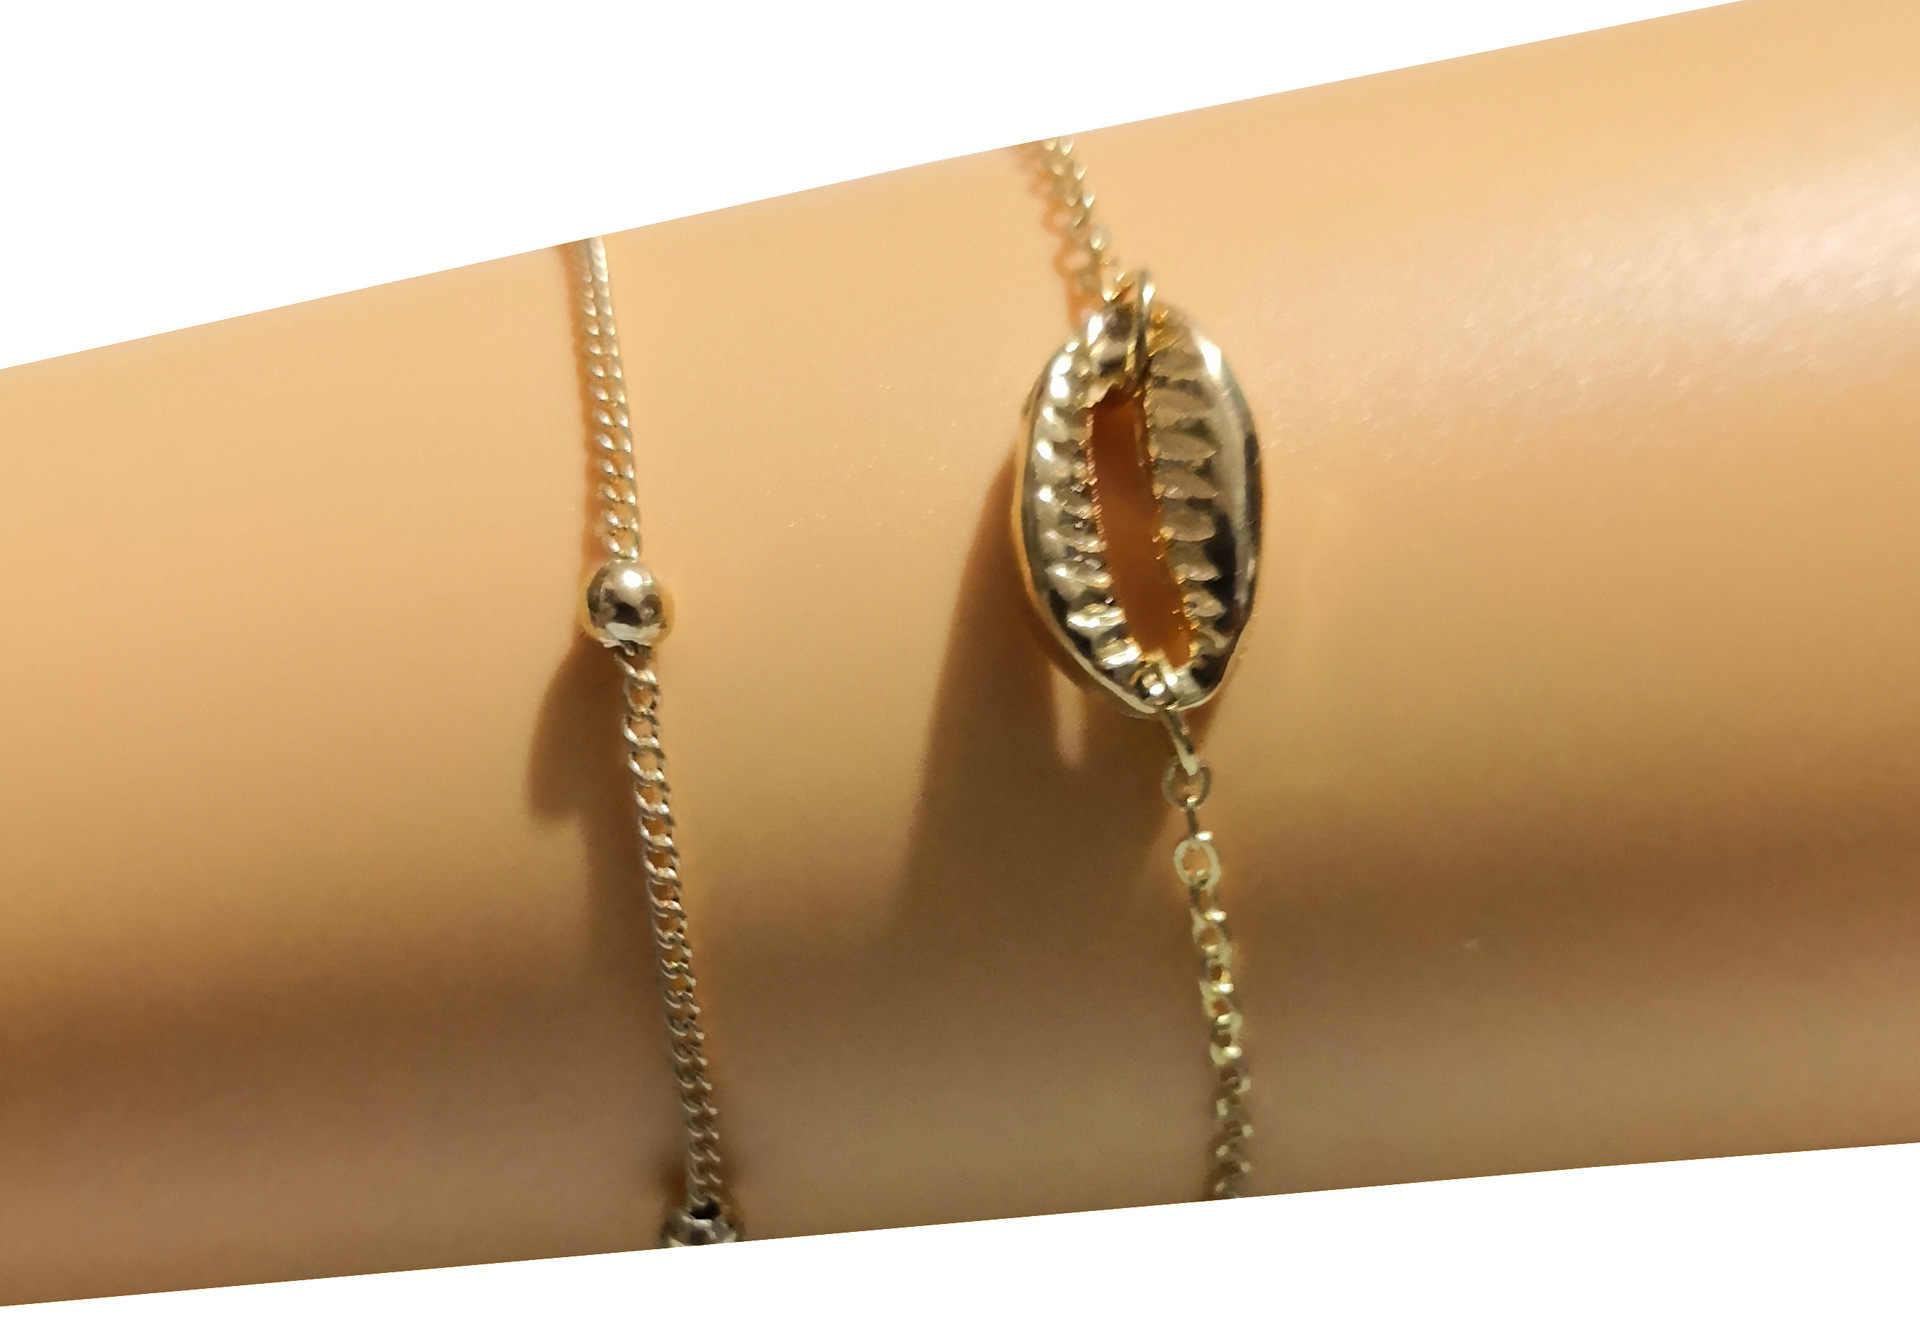 โบฮีเมียหลายชั้นทองเงินลูกปัด 2 ชิ้นชุดสร้อยข้อมือผู้หญิงเครื่องประดับเท้า Anklets อุปกรณ์เสริม